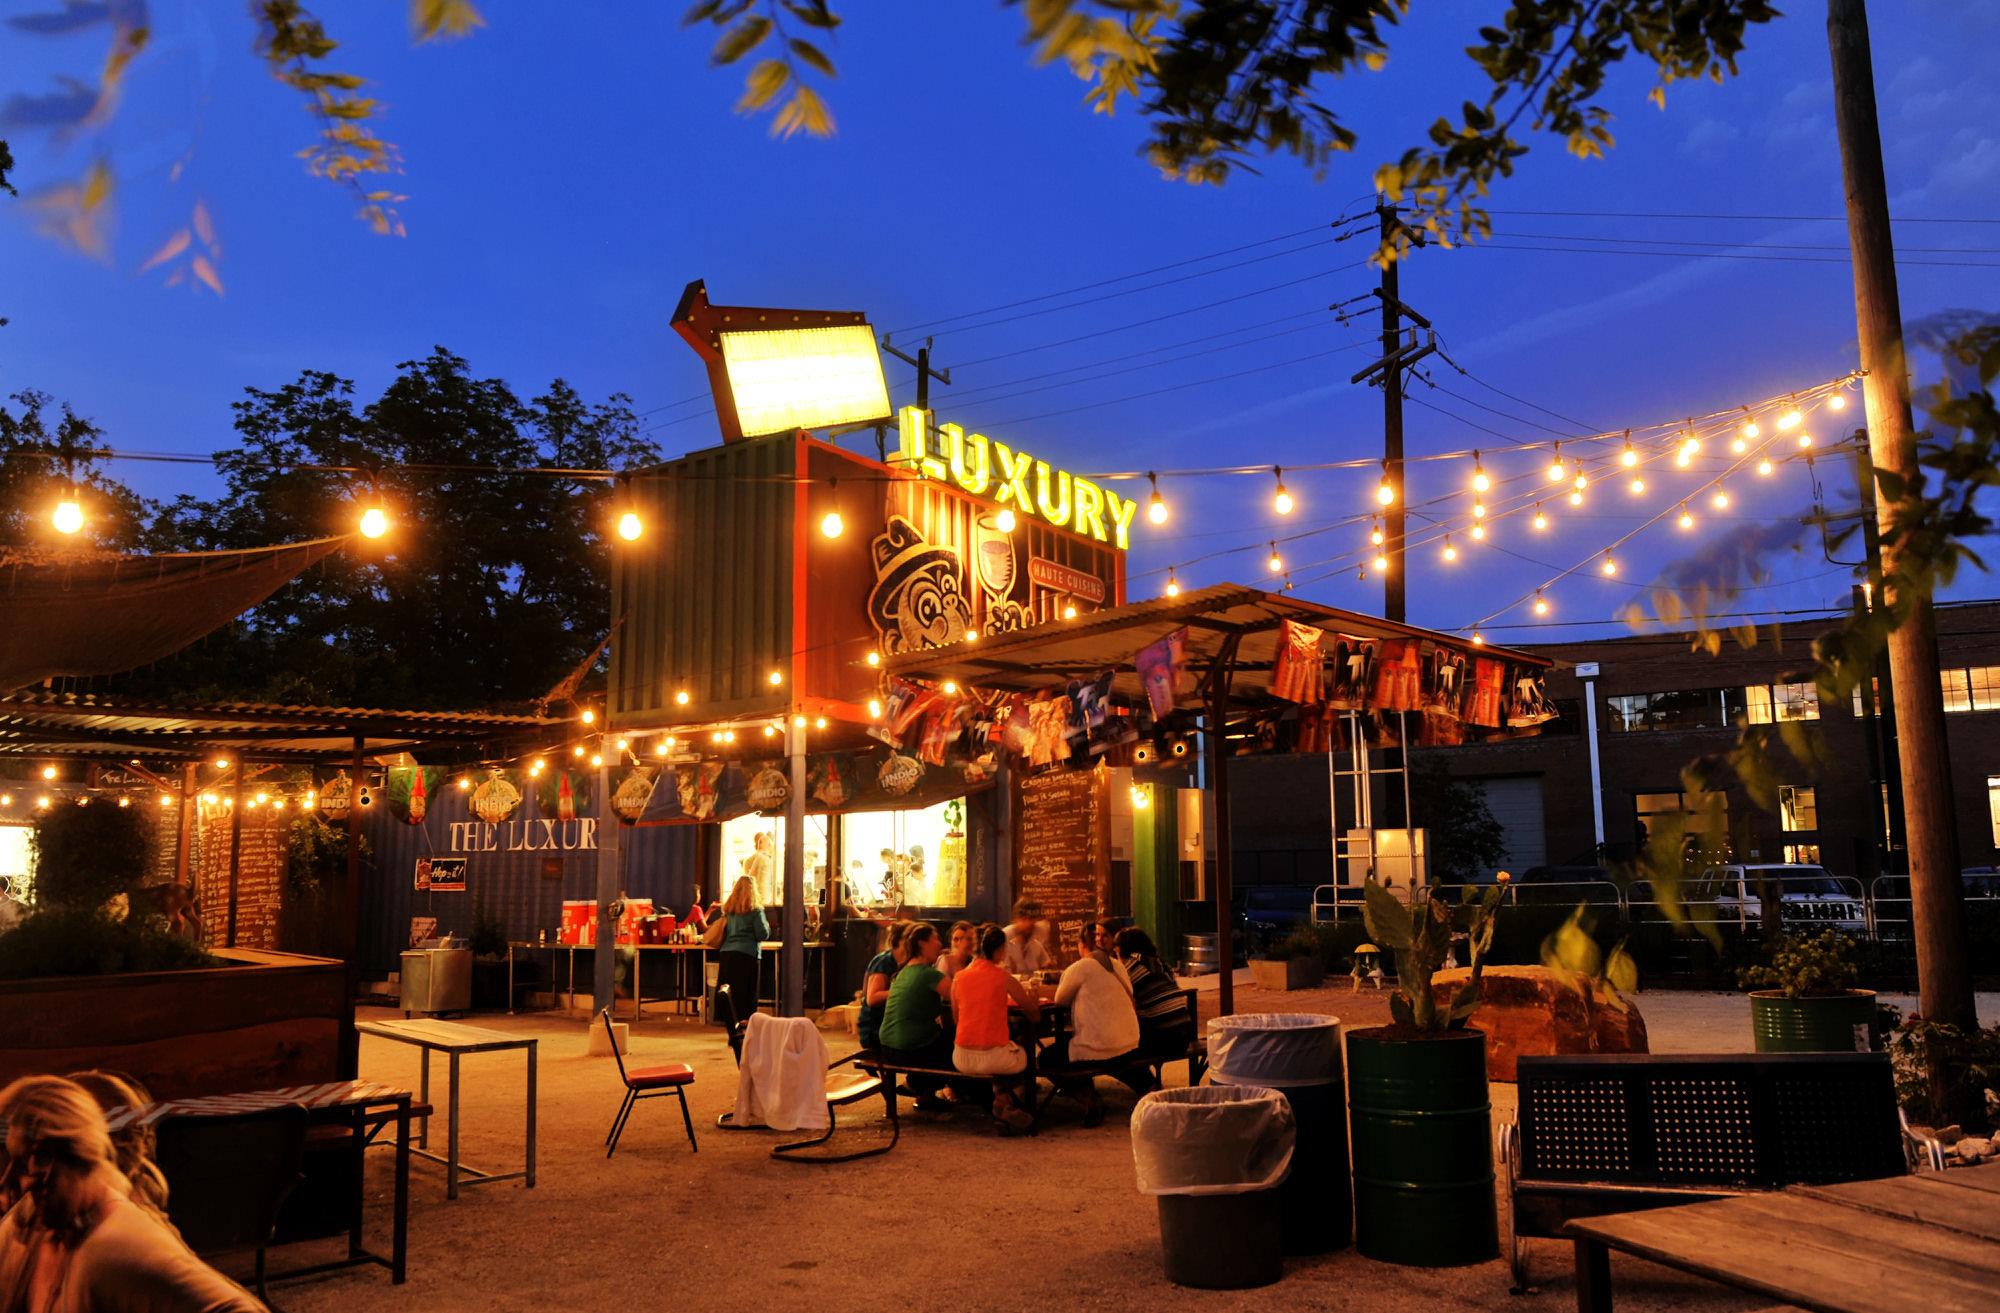 Best Fast Food In San Antonio Tx